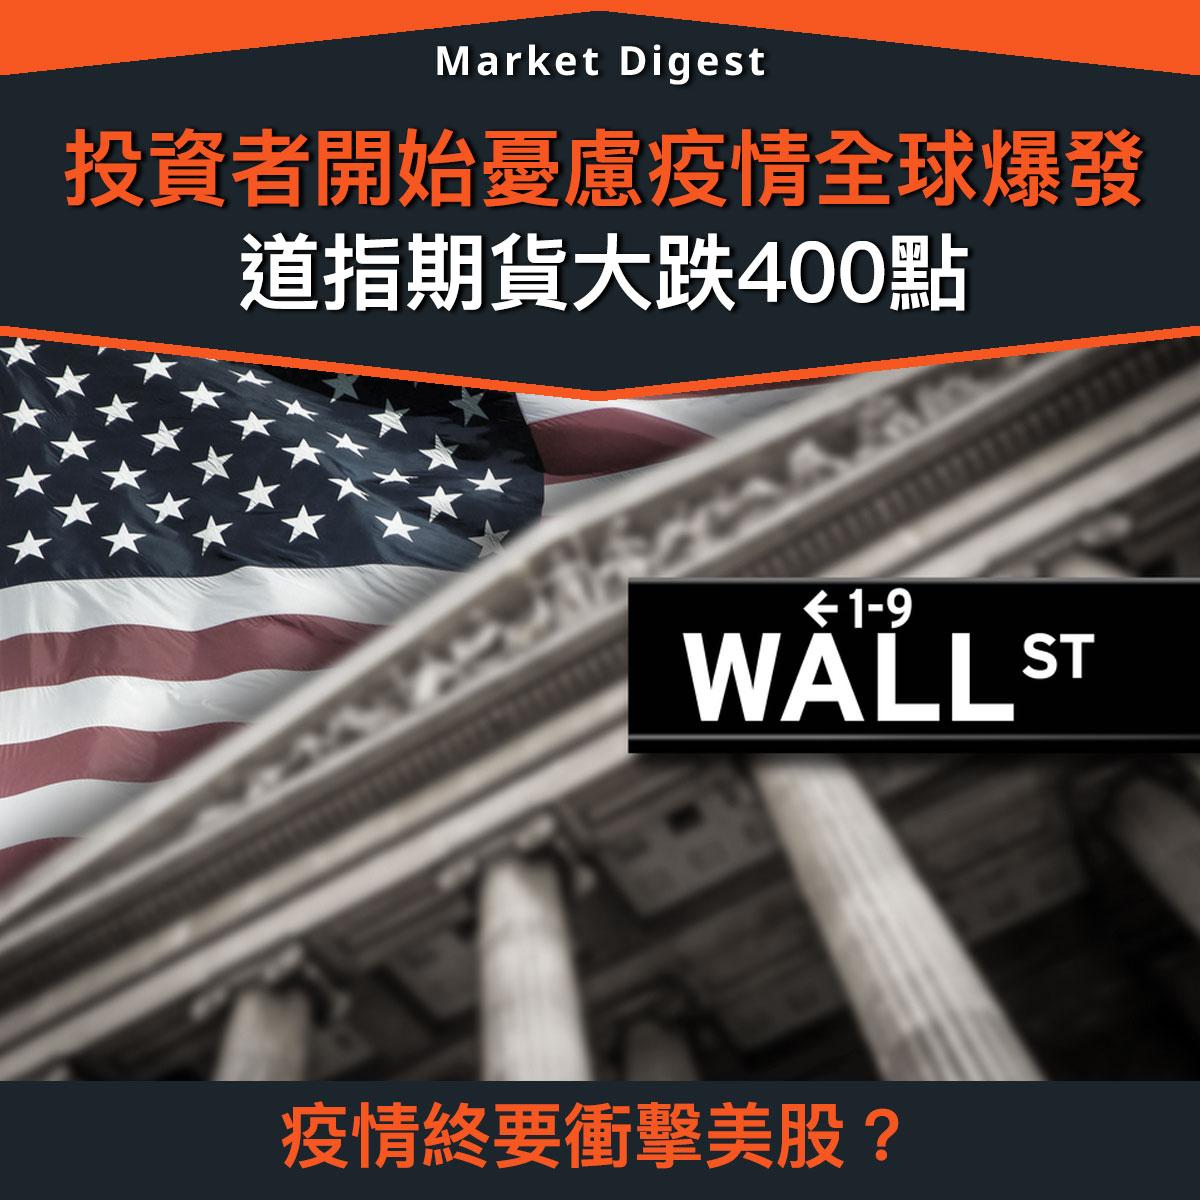 【市場熱話】投資者開始憂慮疫情全球爆發,道指期貨大跌400點